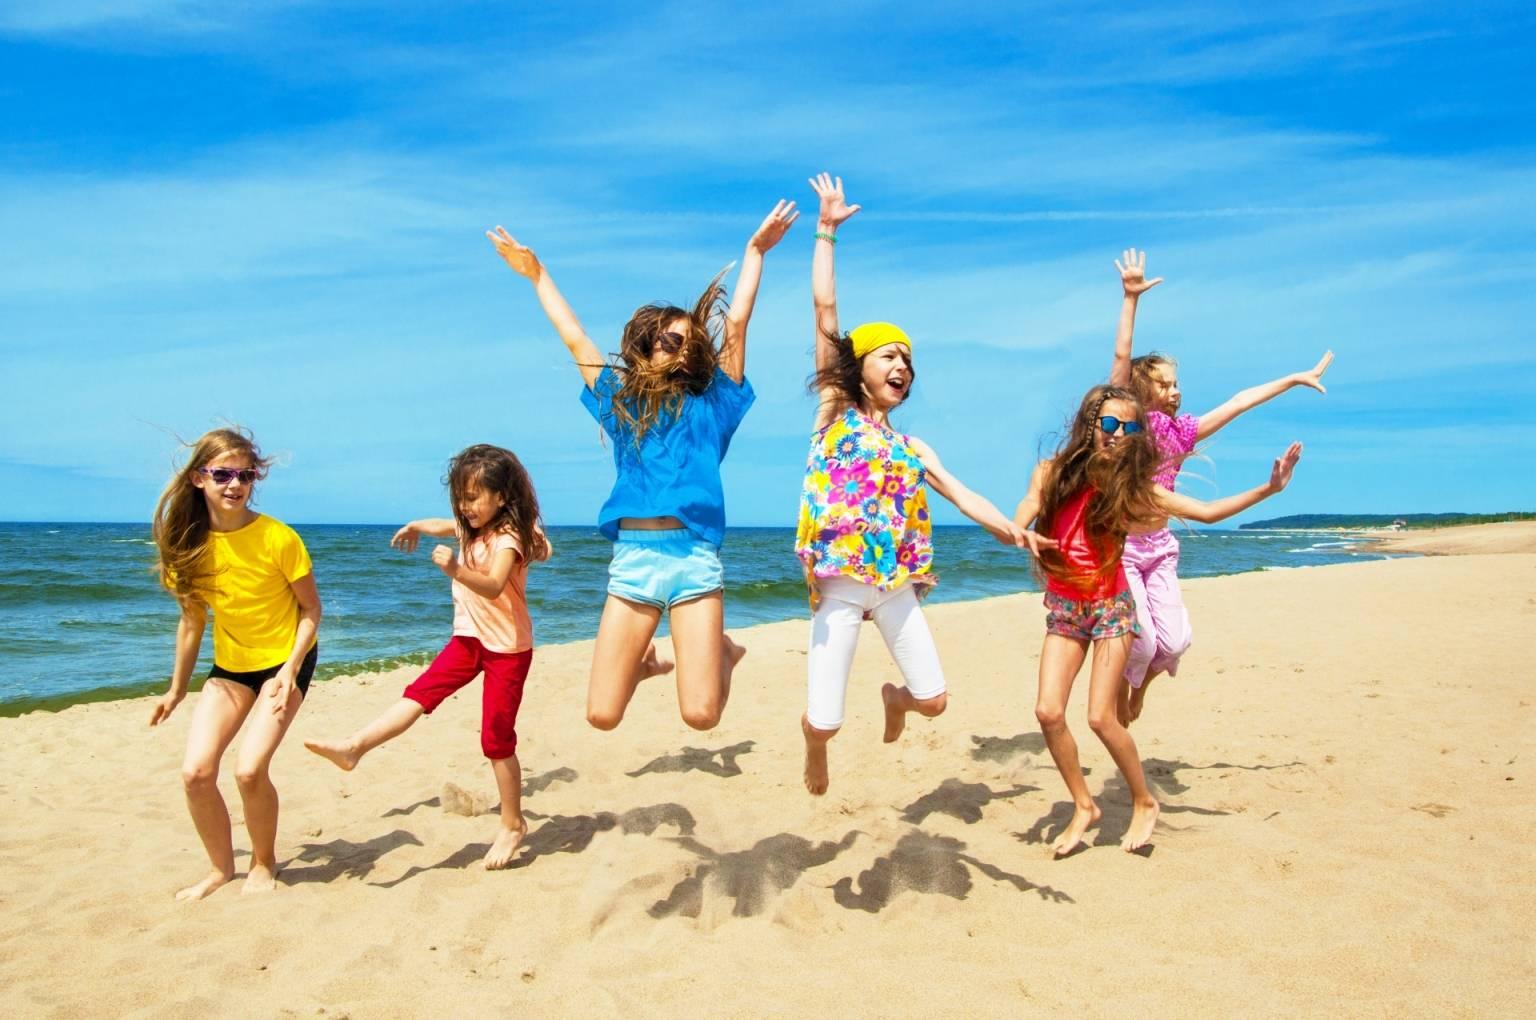 Zatrucie pokarmowe u dzieci - jak je leczyć? Szczęśliwe dzieci w kolorowych ubraniach pozują do zdjęcia na plaży podczas wakacji, skacząc do góry.